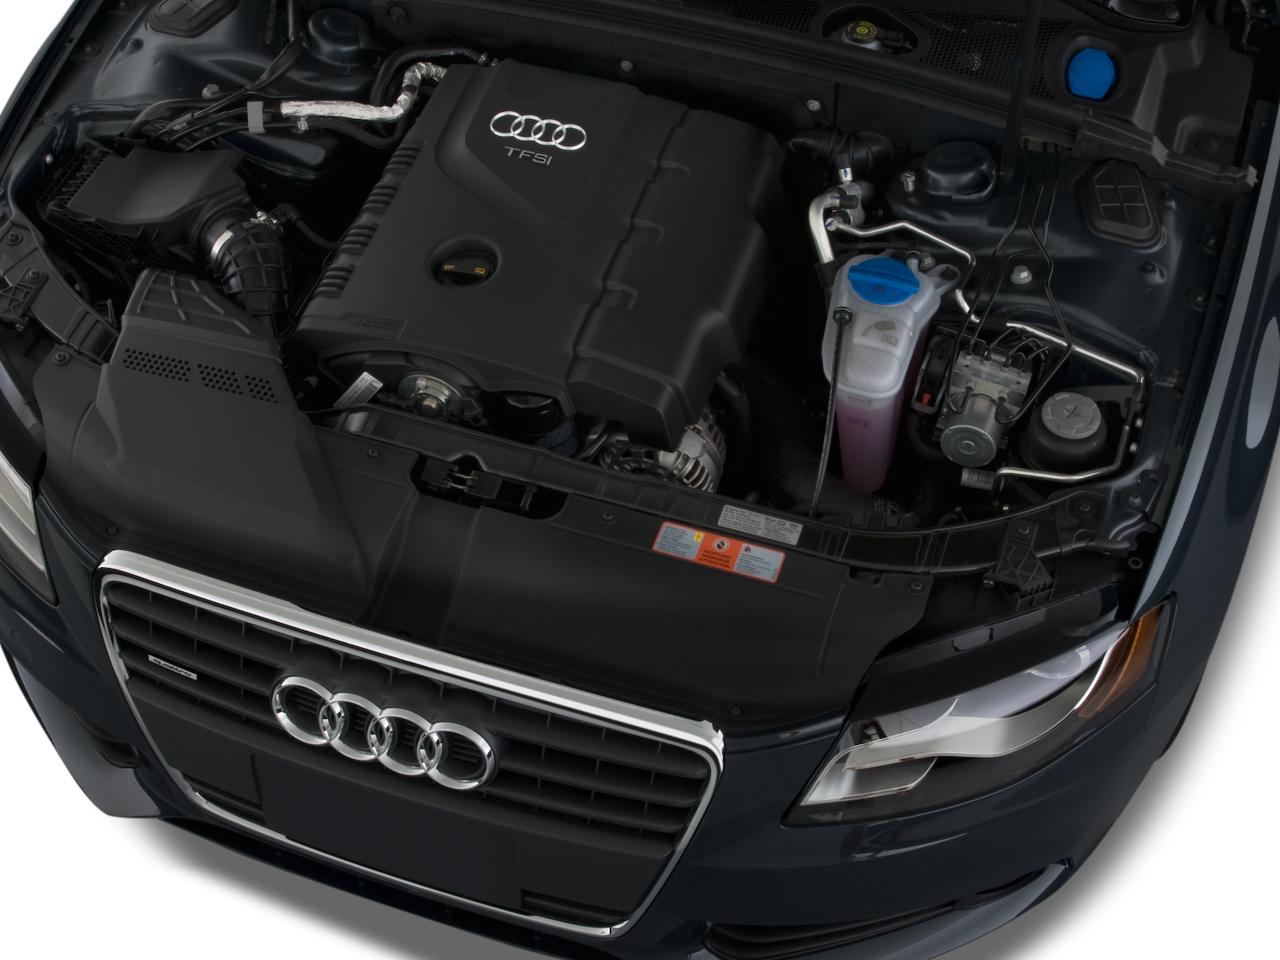 2009 Audi A4 Avant Luxury Wagon Review Automobile Magazine 2003 30 Quot Quatro Engine Diagram 37 75